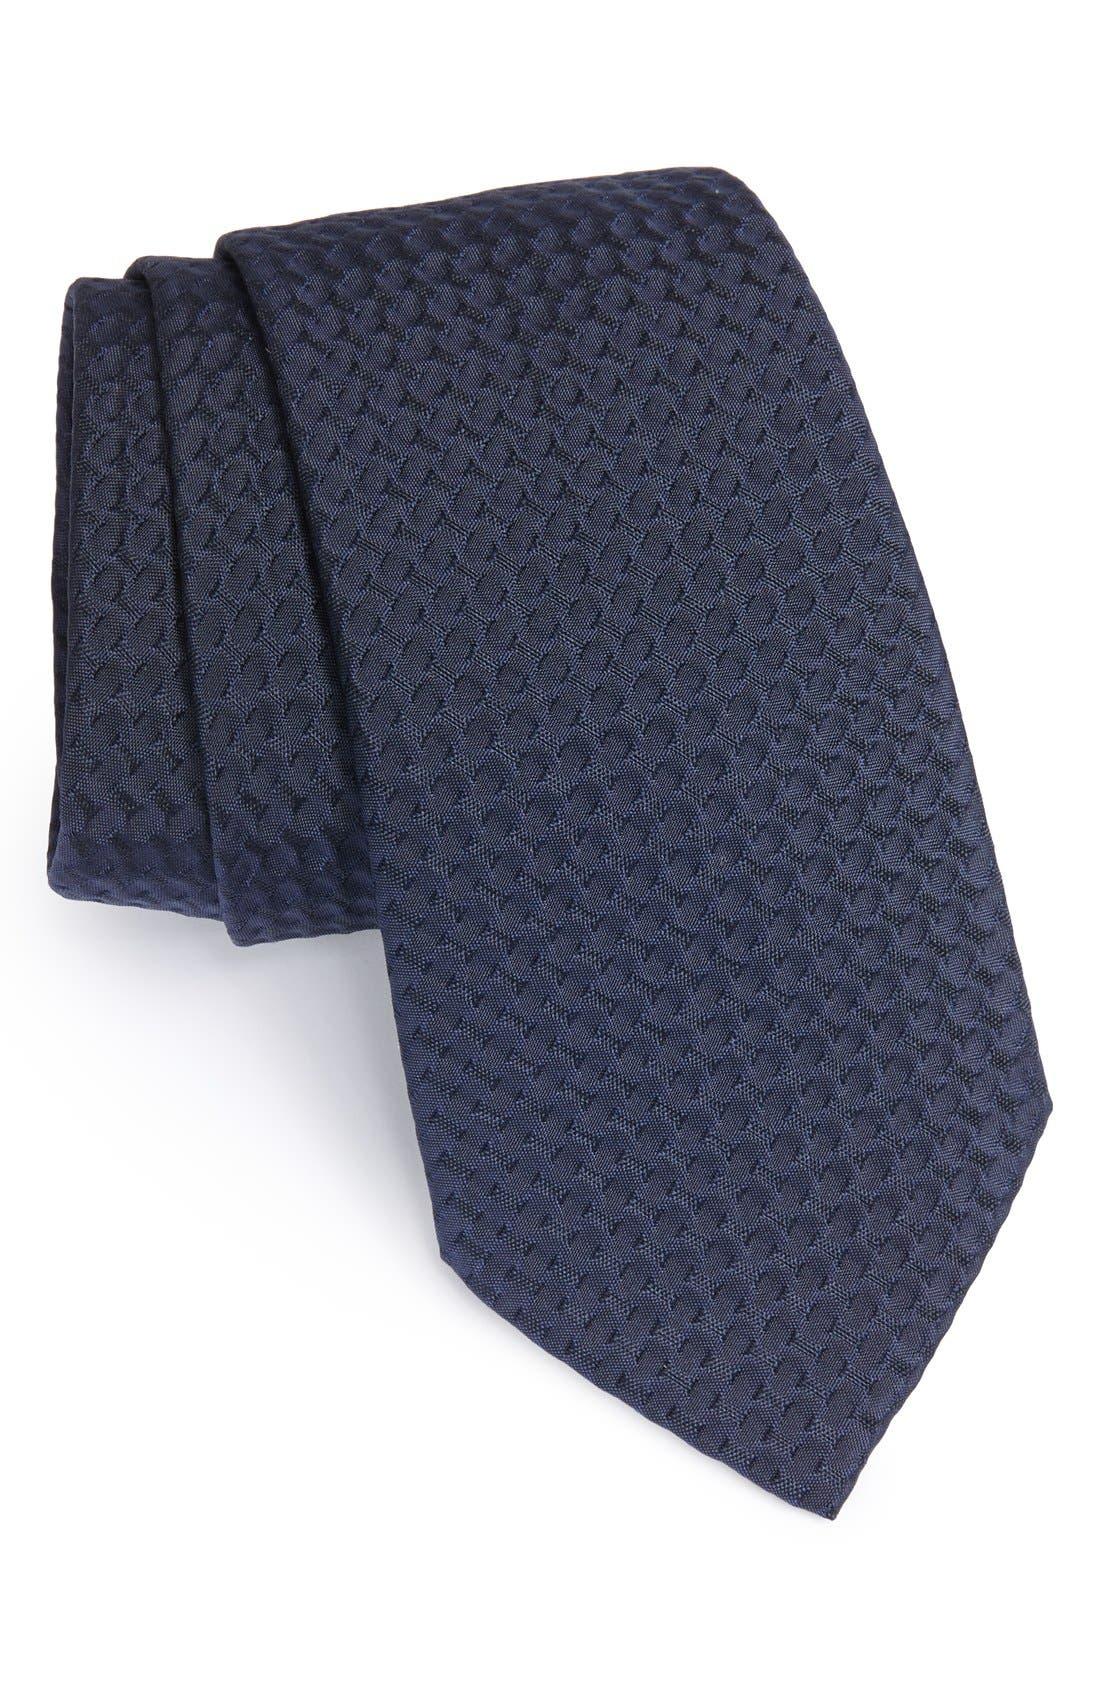 Alternate Image 1 Selected - Armani Collezioni Woven Silk & Cotton Tie